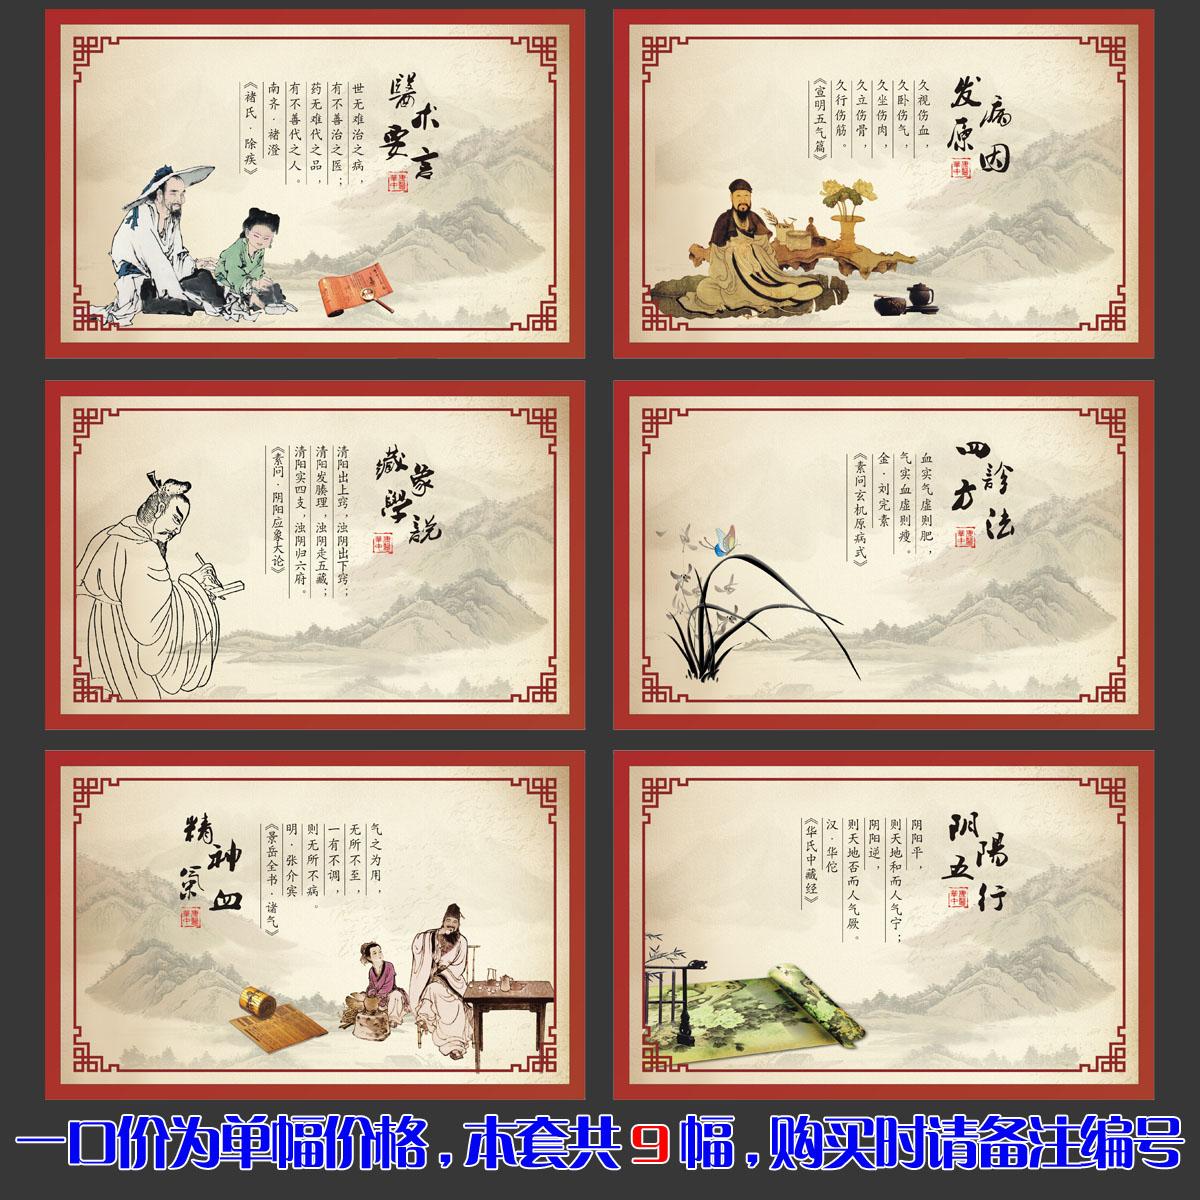 中医保健宣传标语_健康宣传挂图 中医养生标语 健康 挂图 保健挂画 墙画 宣传壁画